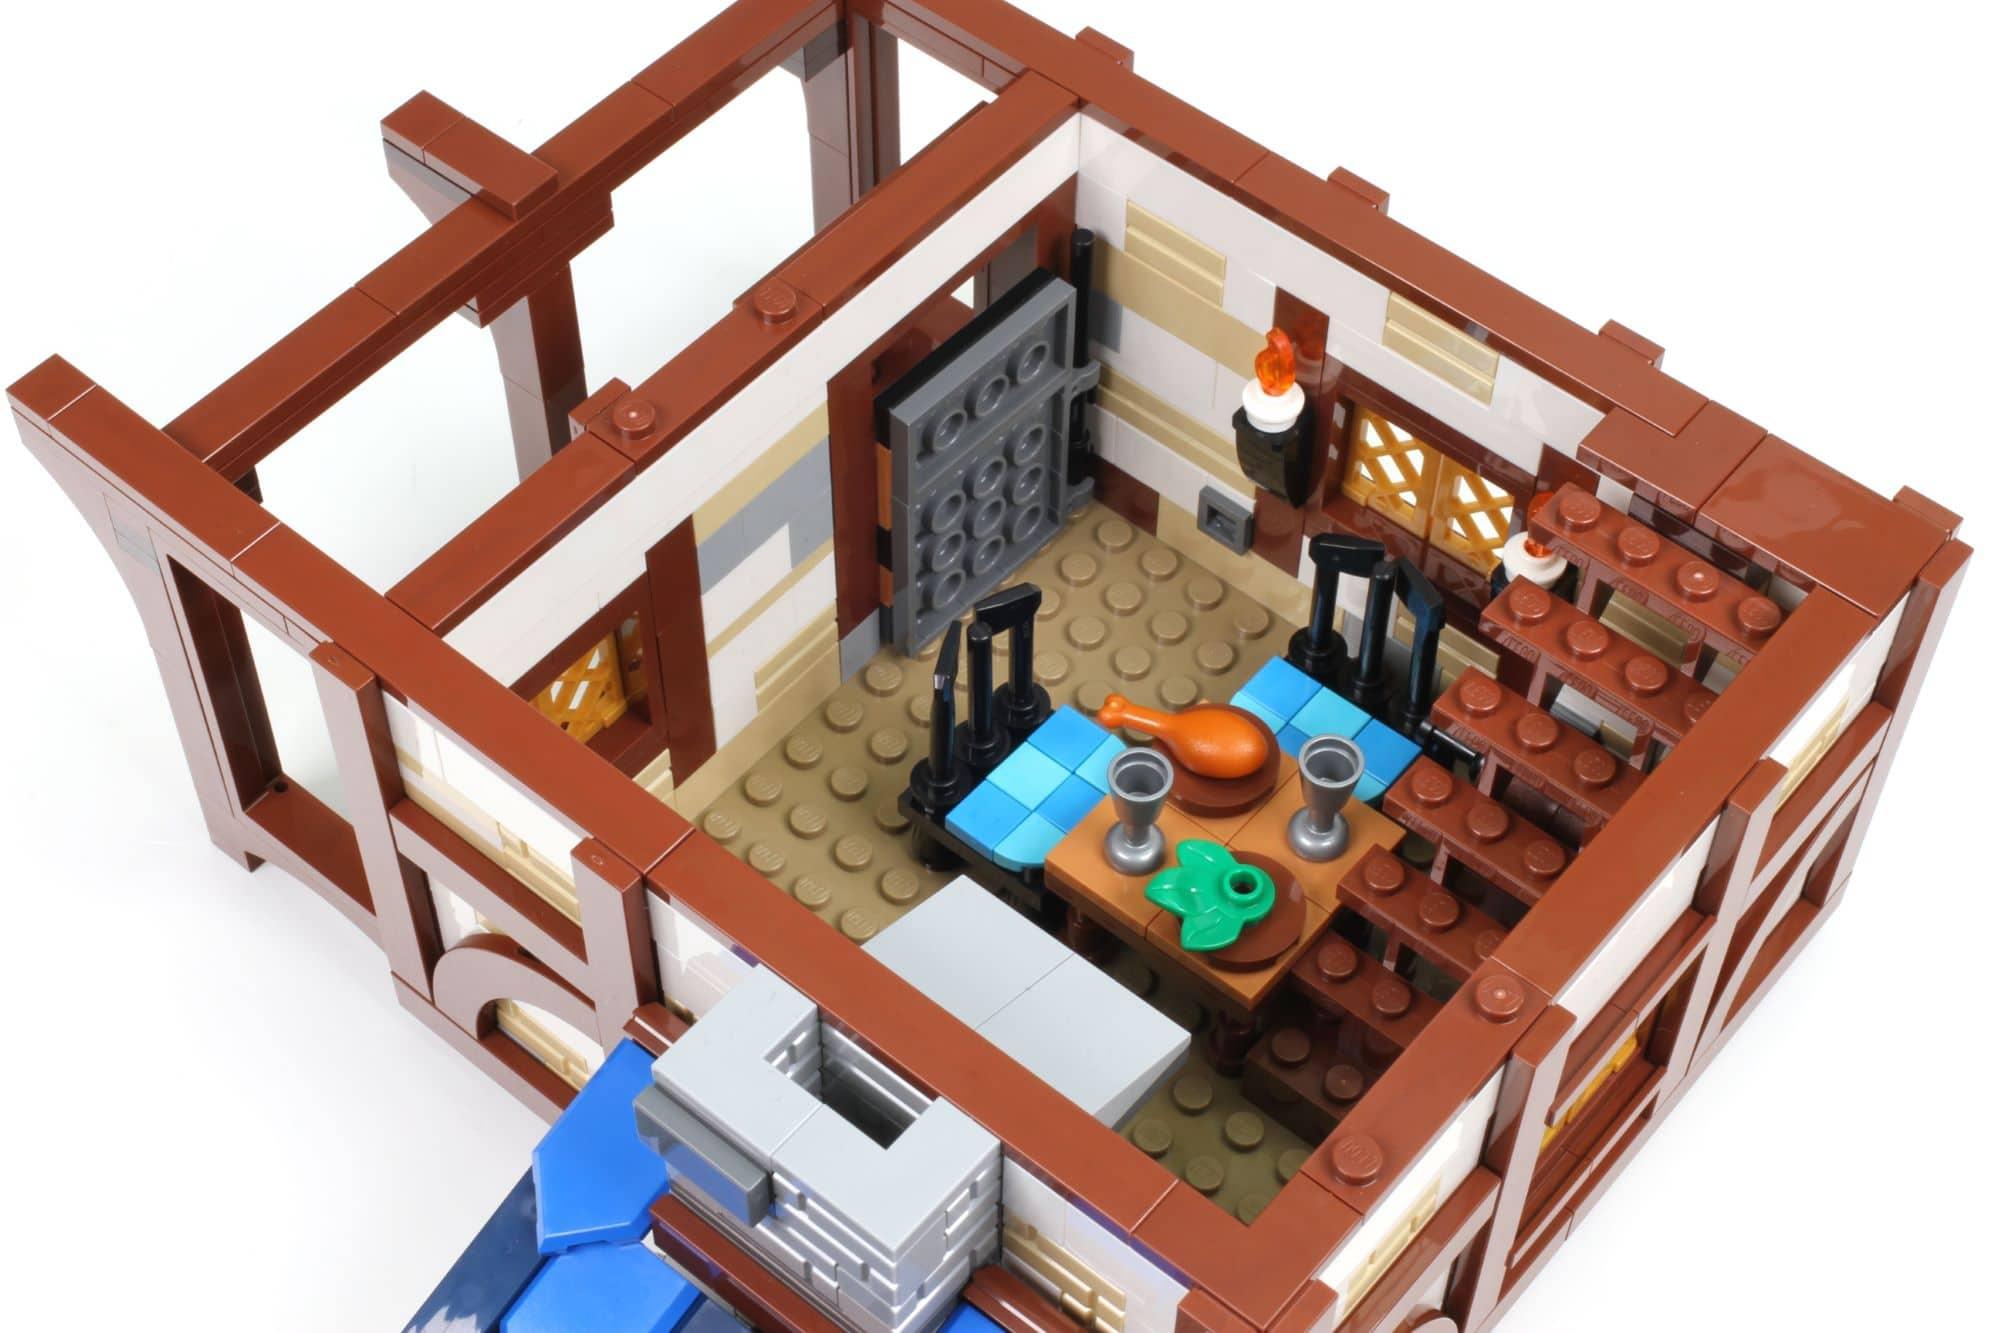 LEGO Ideas 21325 Mittelalterliche Schmiede Bauabschnitt 8 3